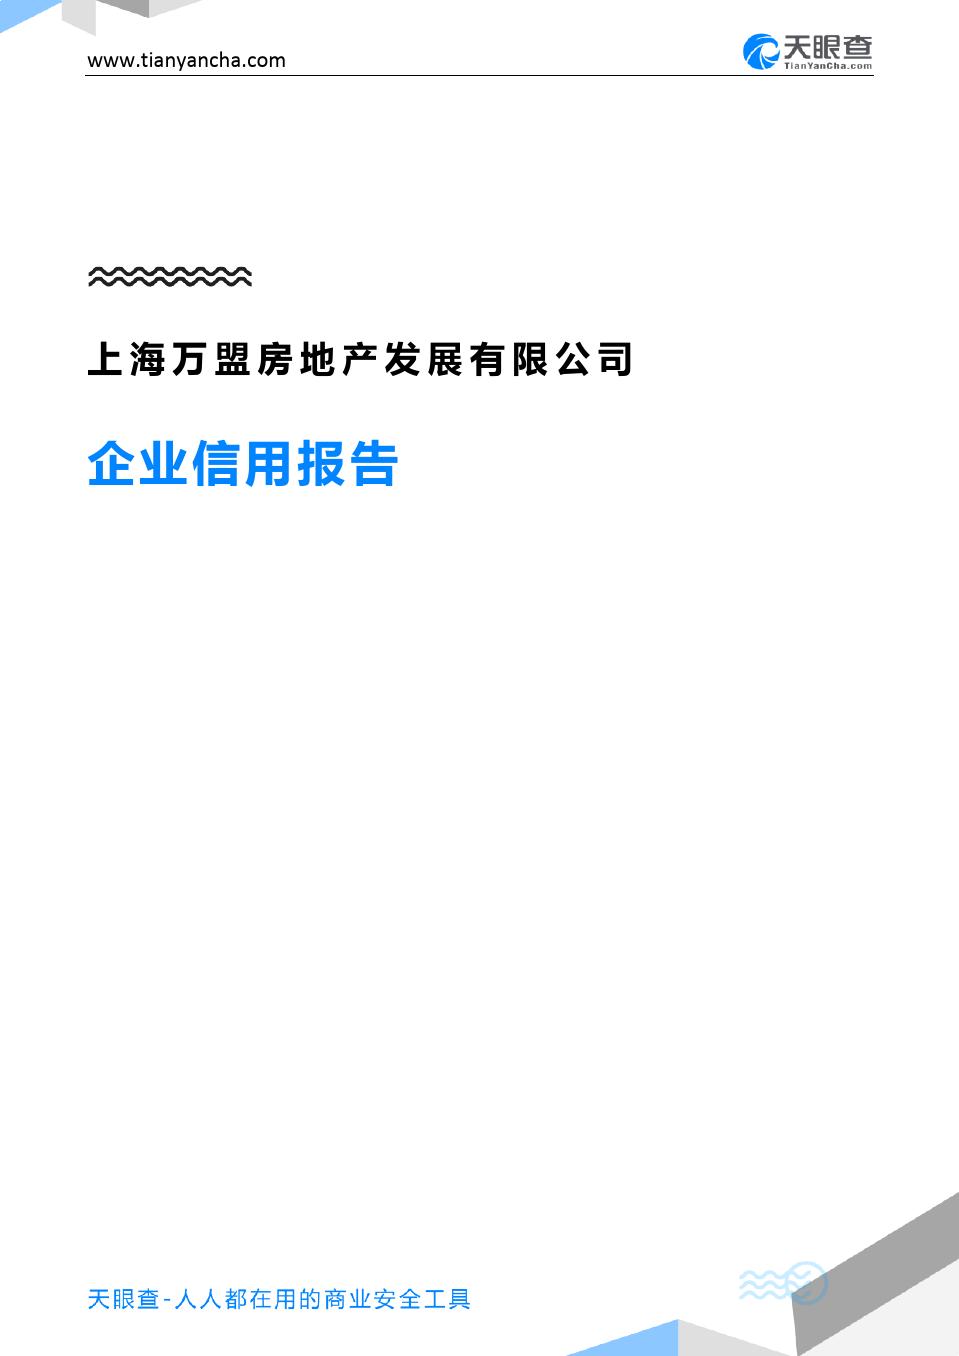 上海万盟房地产发展有限公司(企业信用报告)- 天眼查